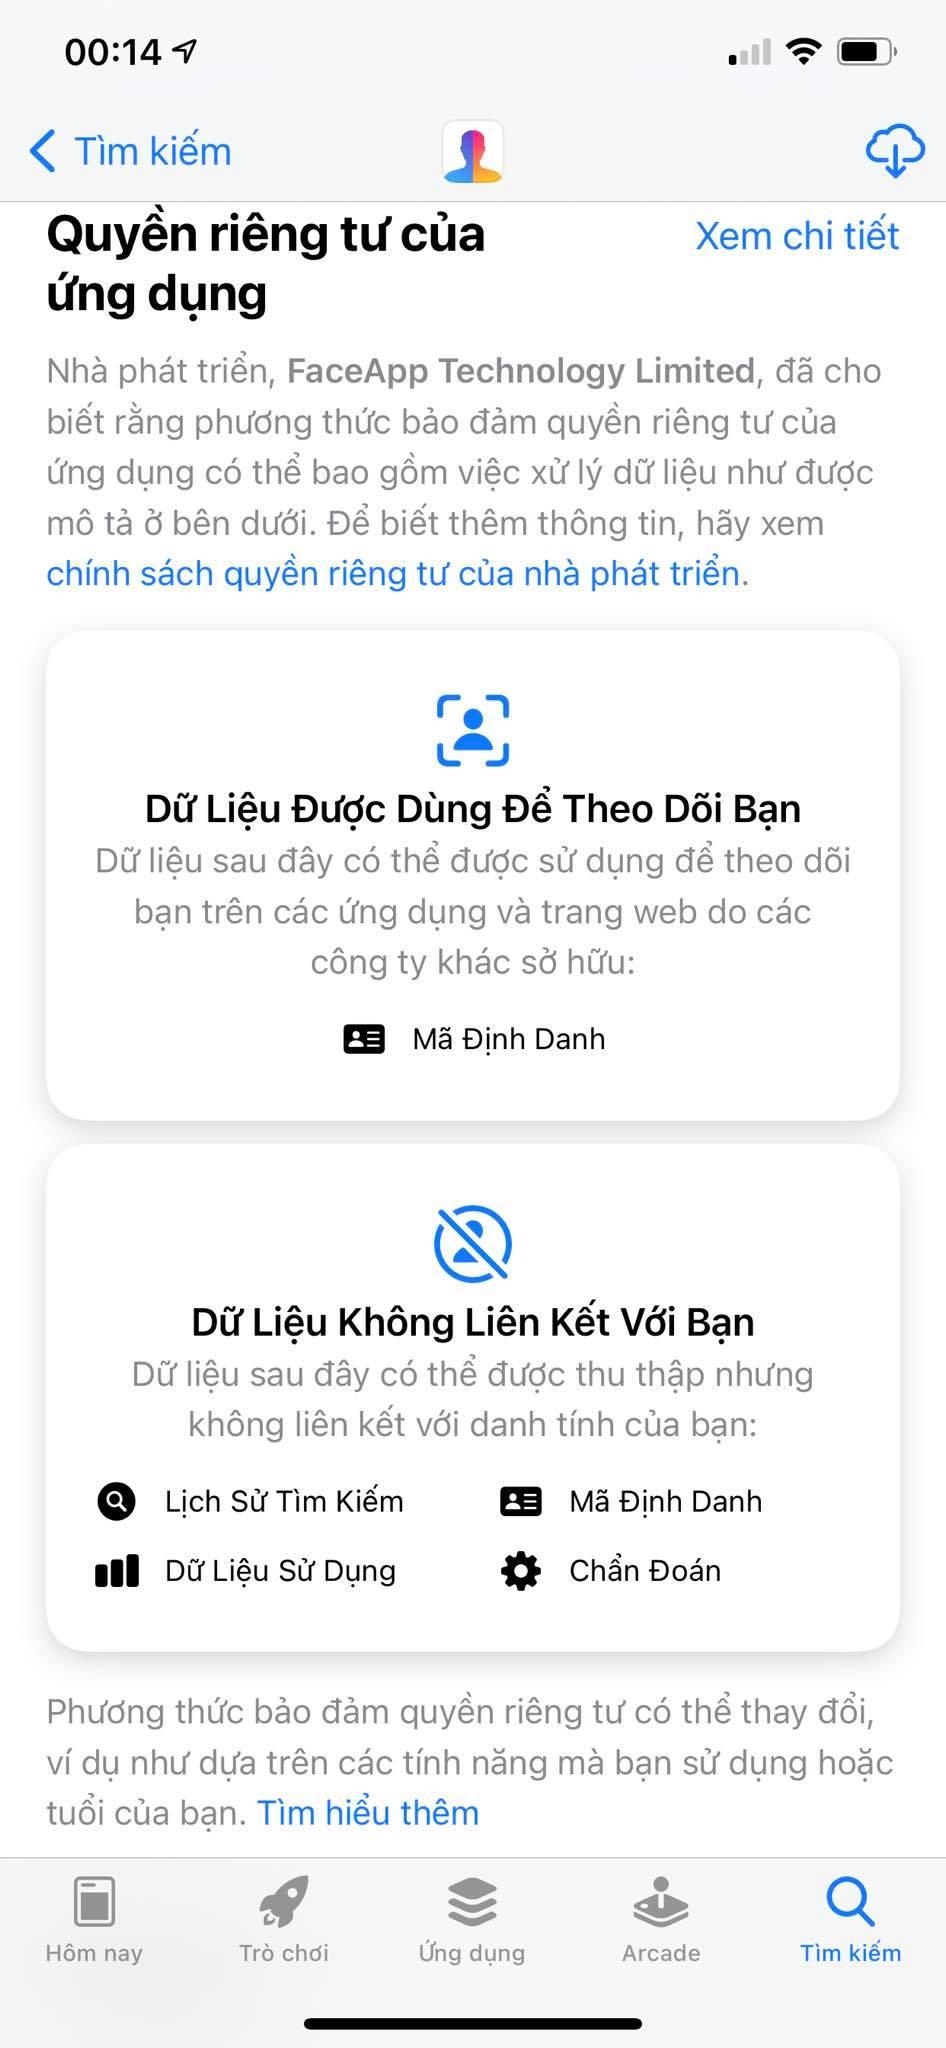 Cộng đồng mạng Việt lại phát sốt với trend chơi ảnh mới, thận trọng để tránh bị đánh cắp dữ liệu! - Ảnh 8.